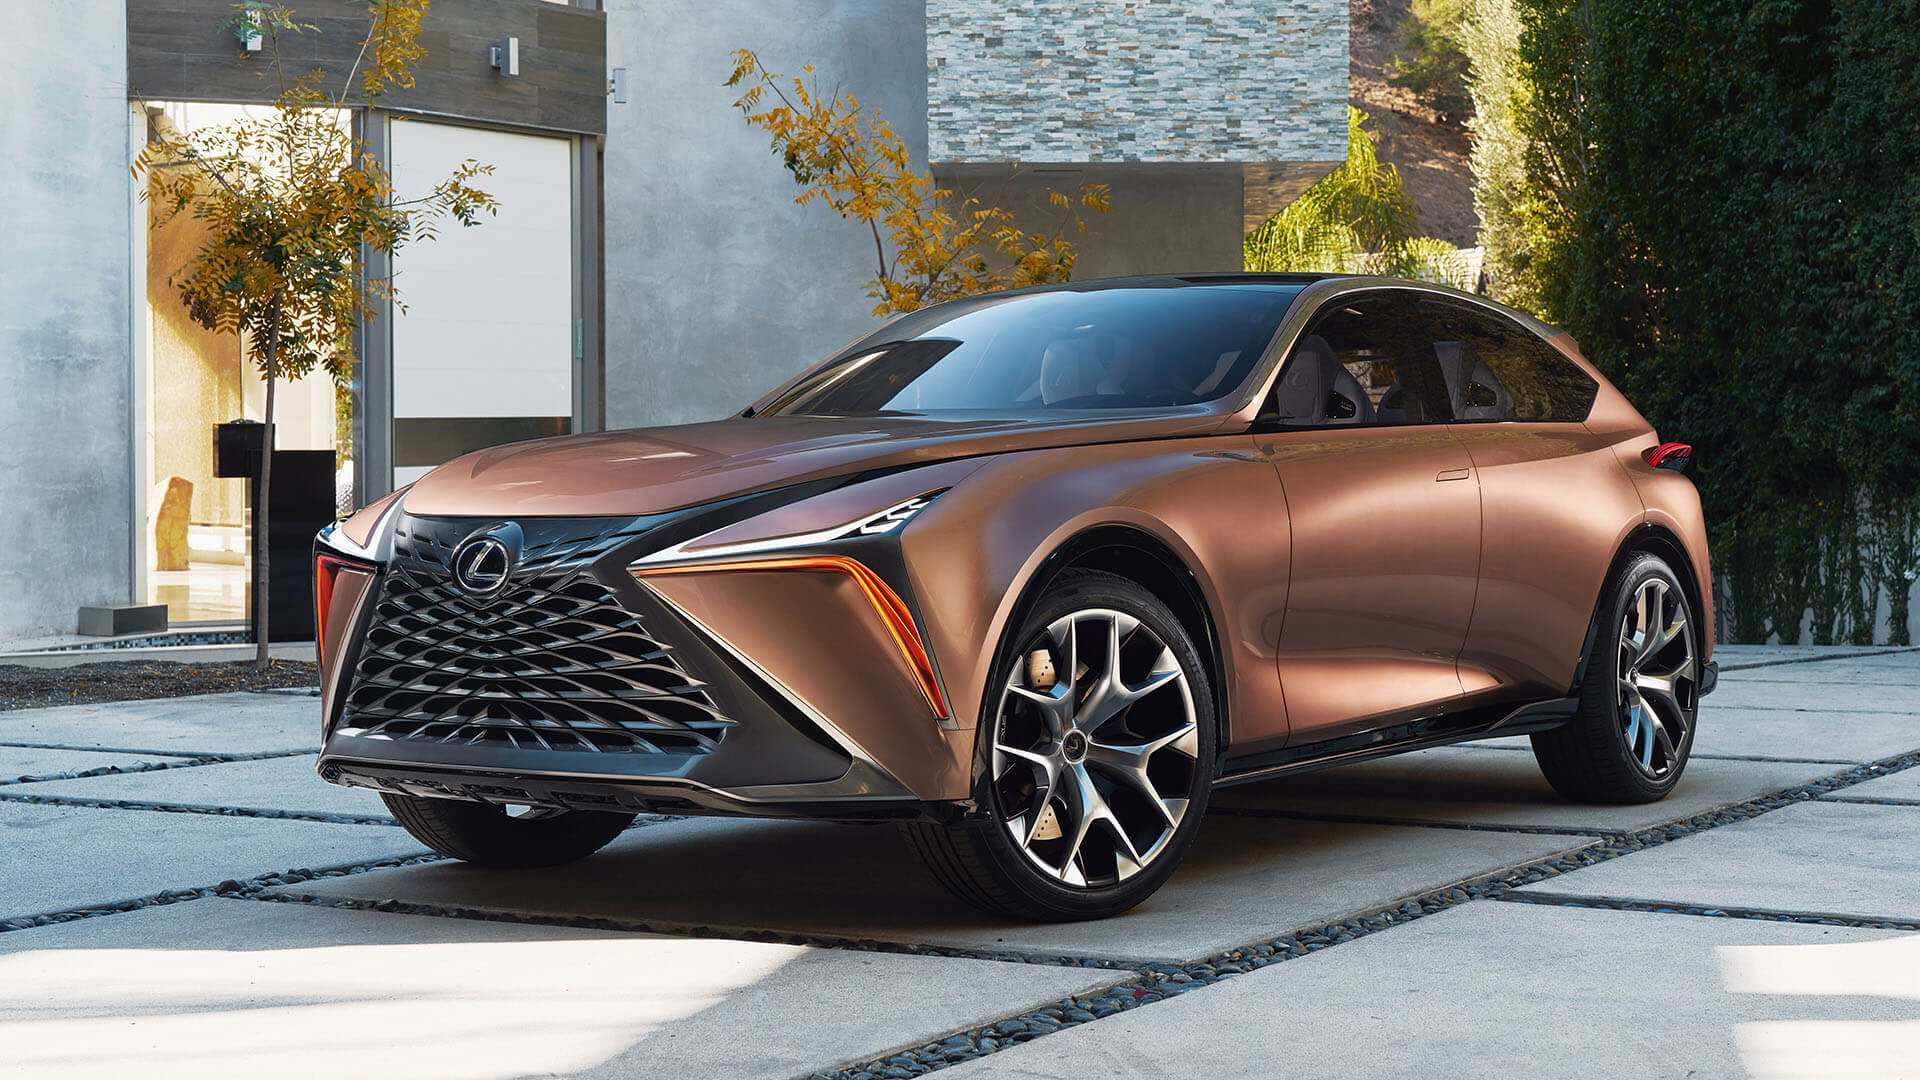 65 Great Lexus Future Cars 2020 Images for Lexus Future Cars 2020